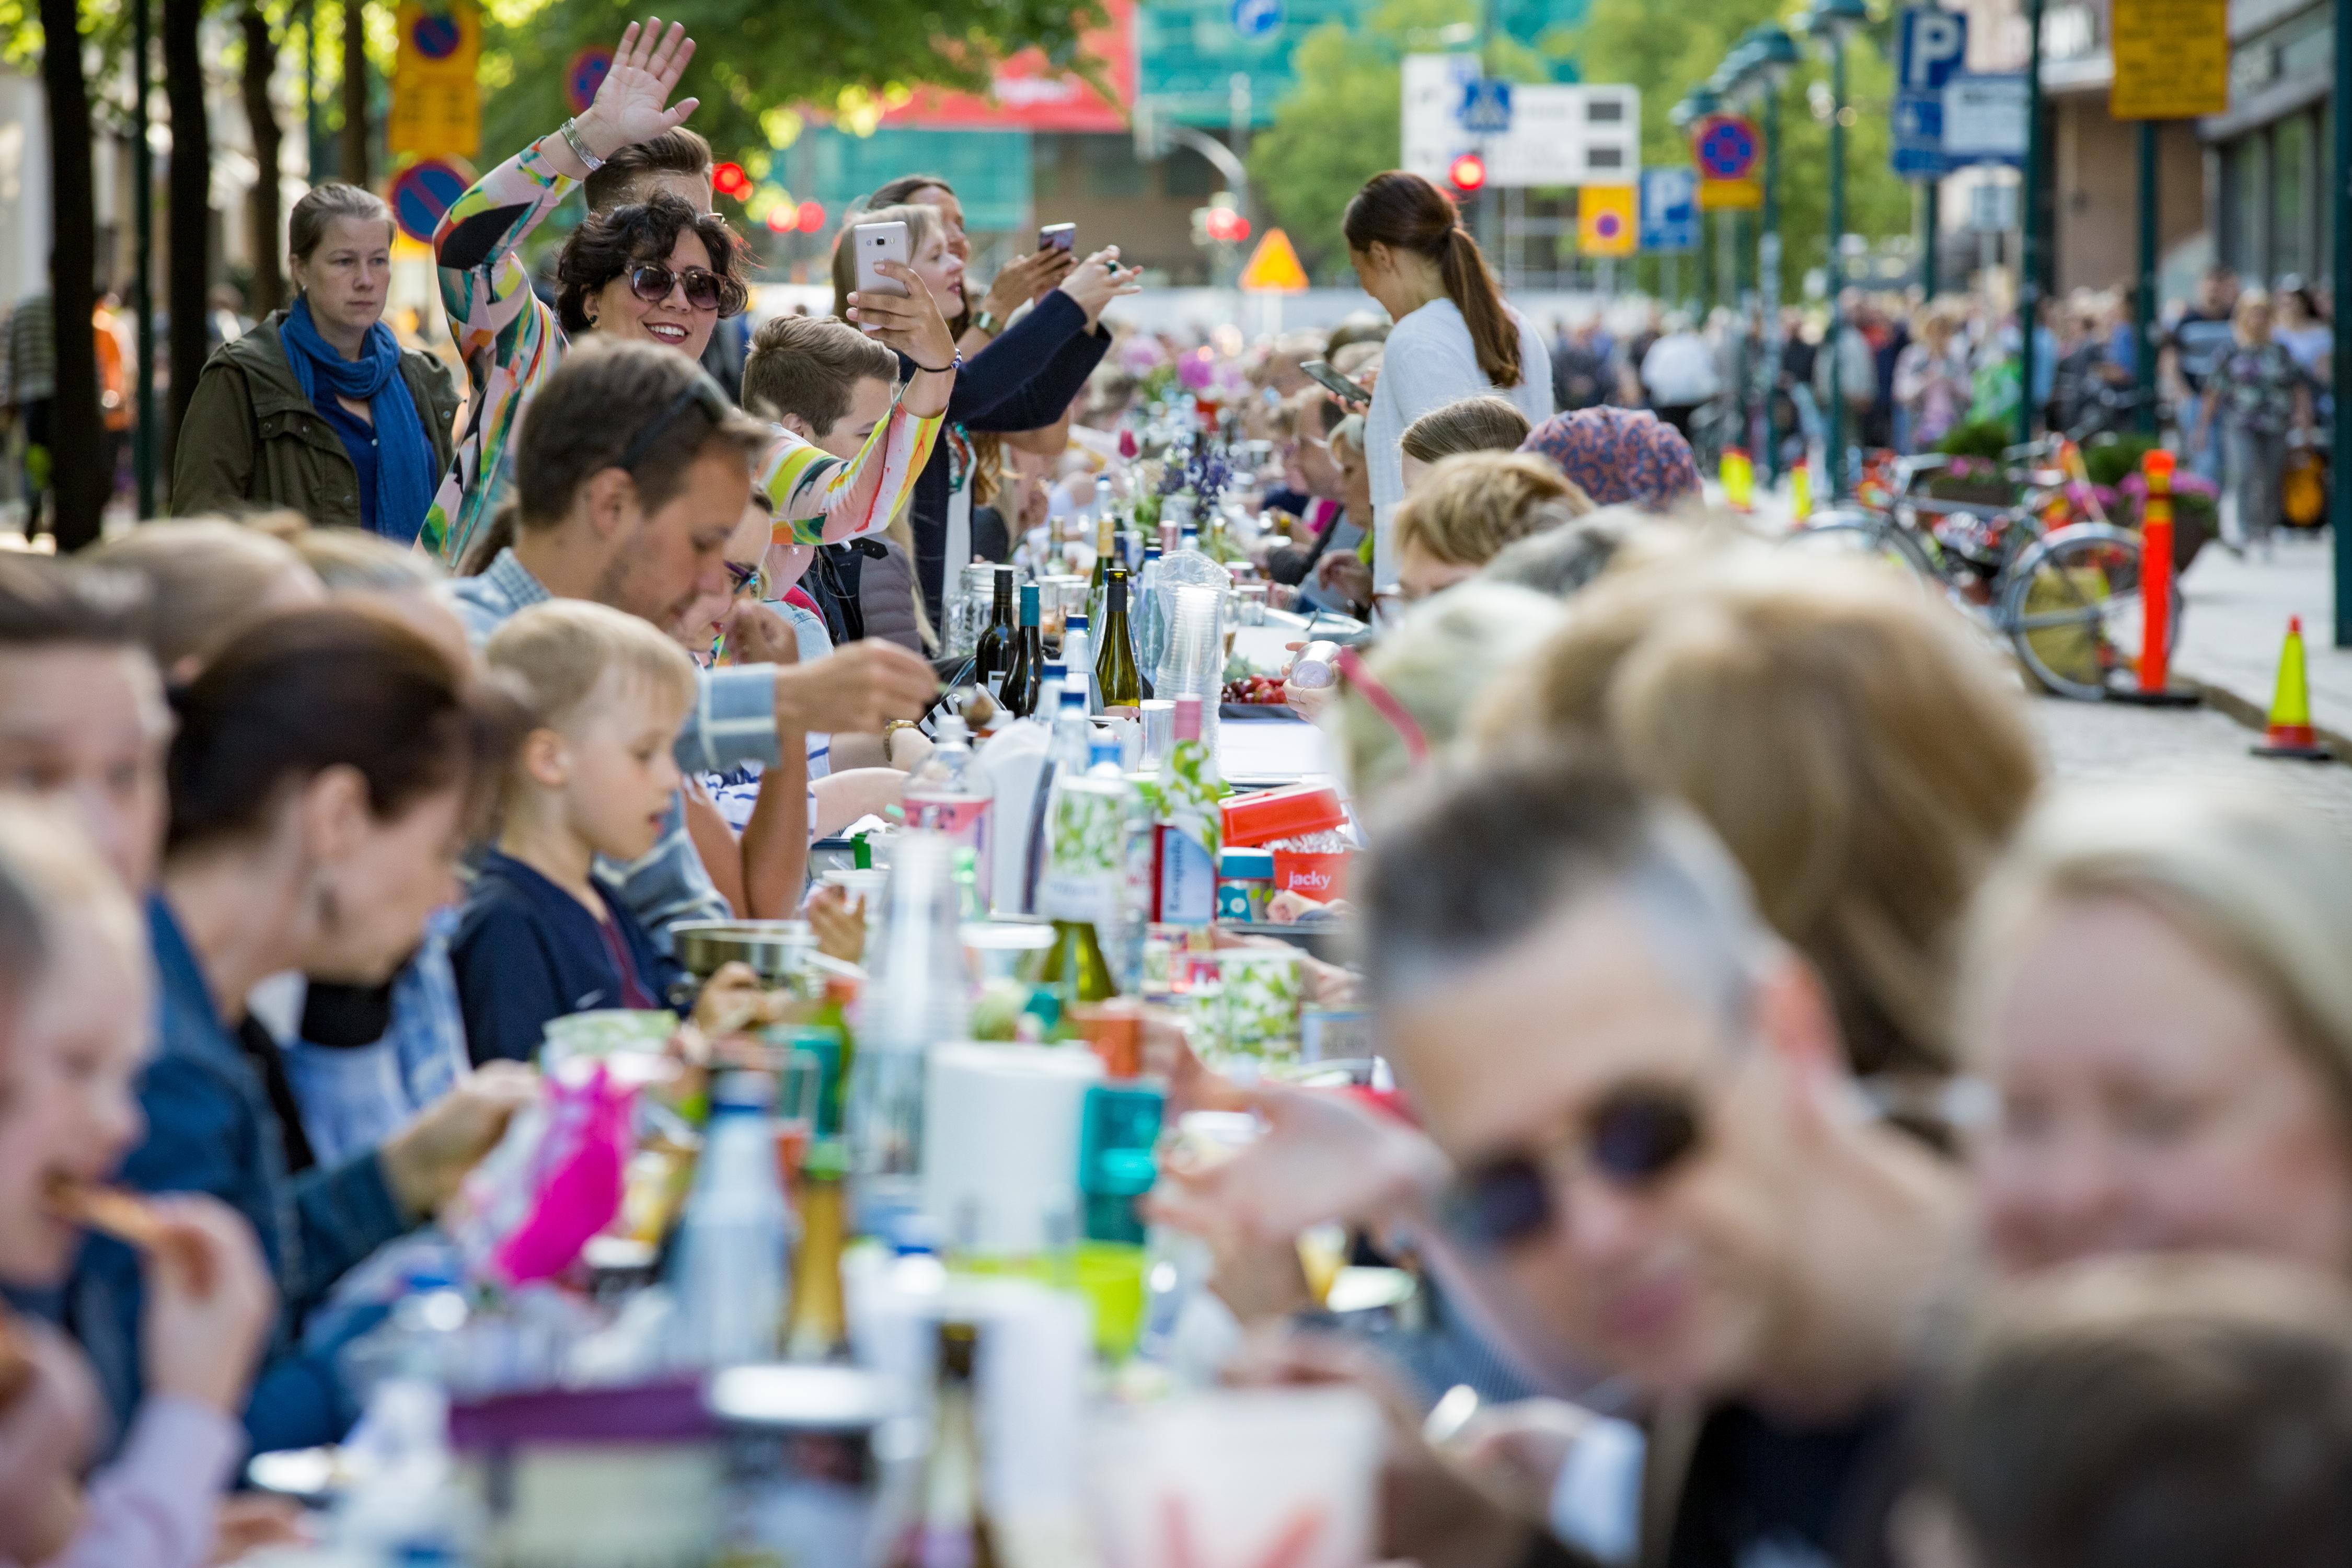 Personer av finländskt ursprung anger i många fall mer värkrelaterade besvär, sämre levnadsvanor och livsvillkor än Sveriges befolkning i övrigt.